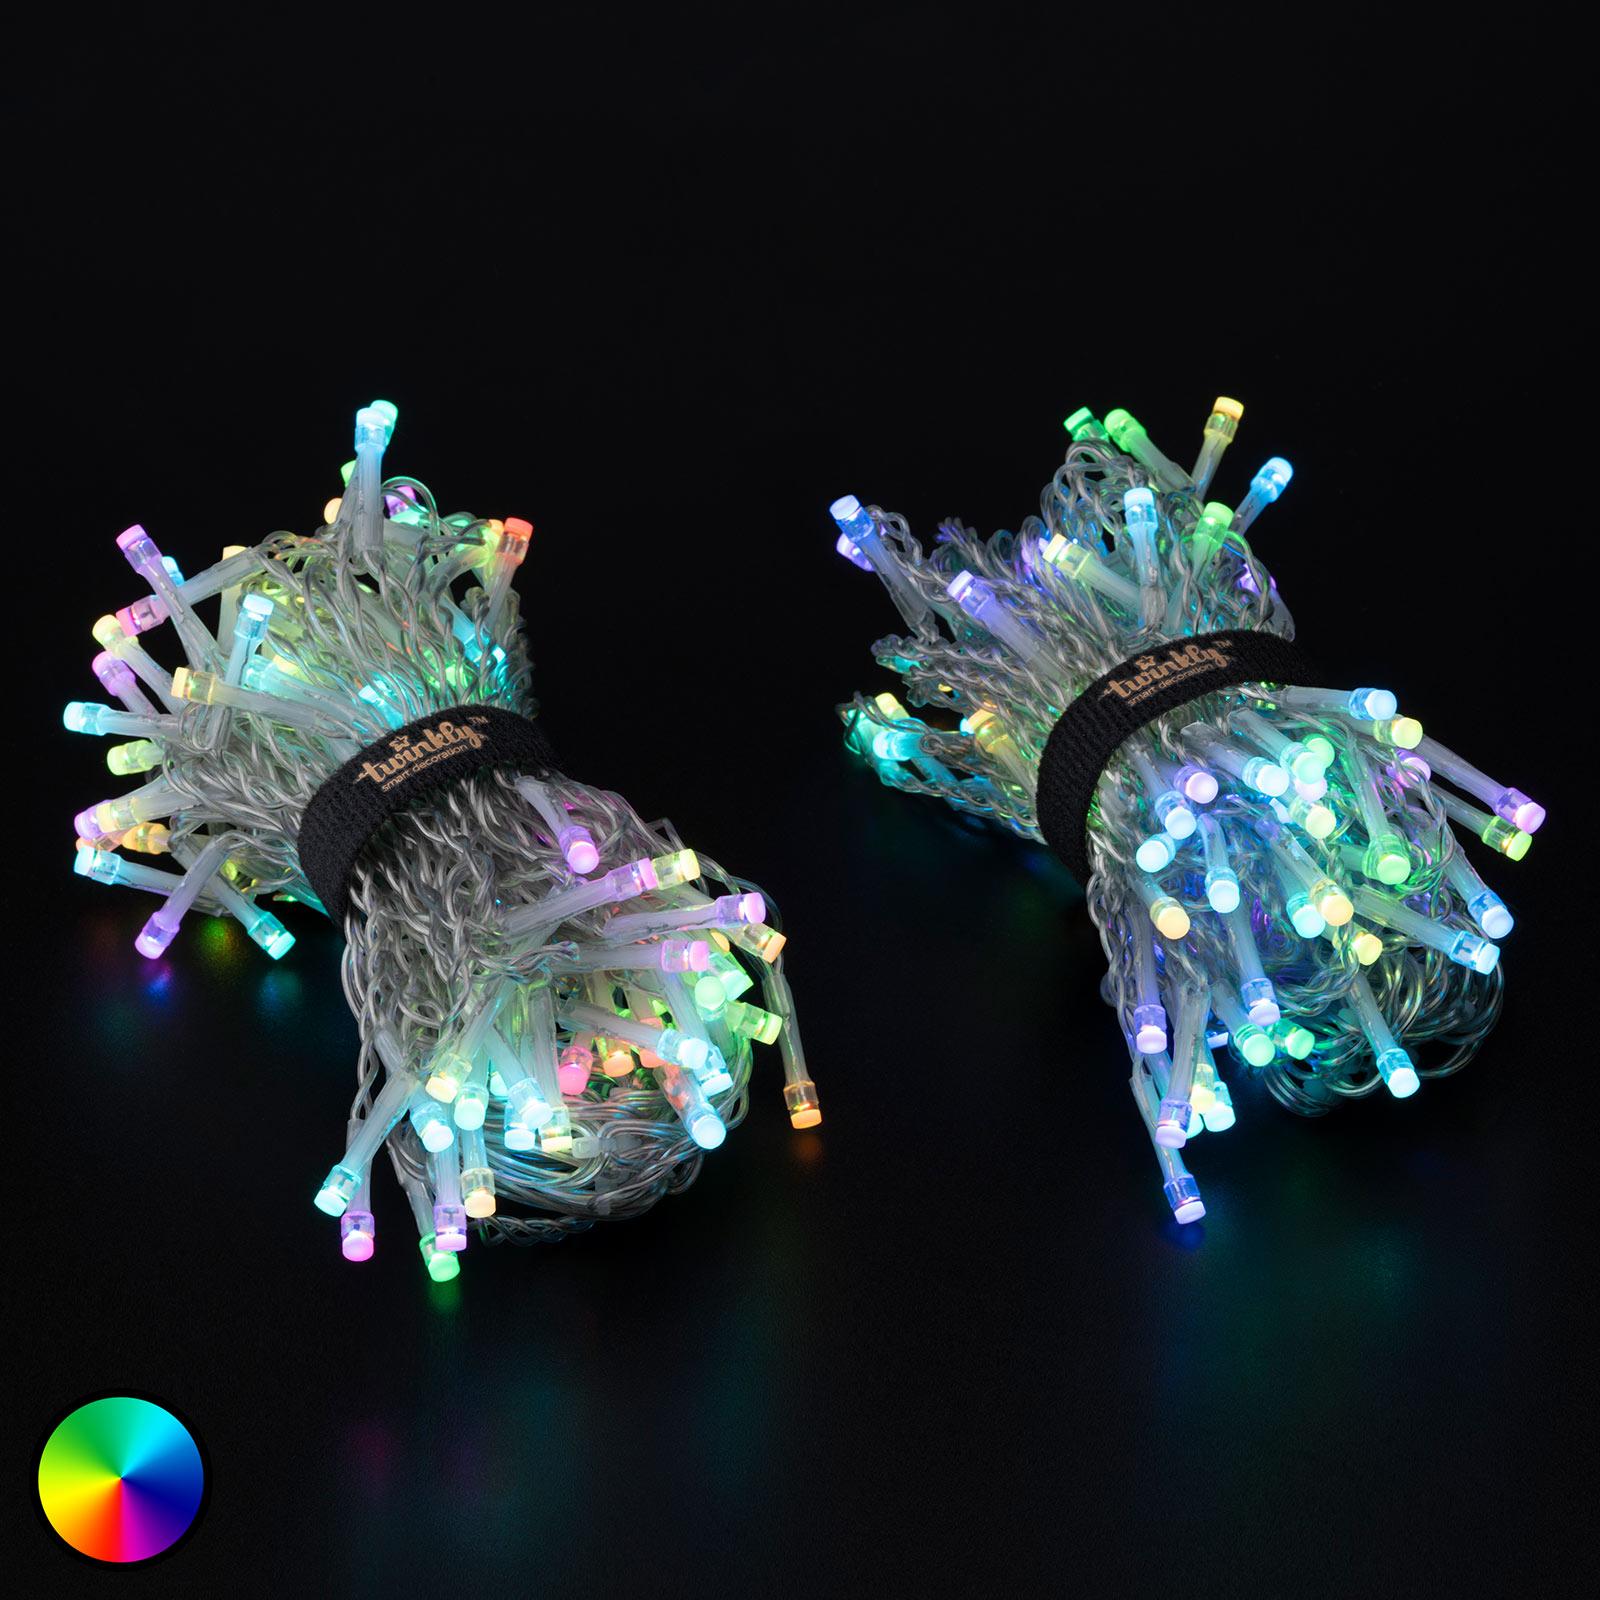 Slimme LED lichtgordijn Twinkly voor app, RGB